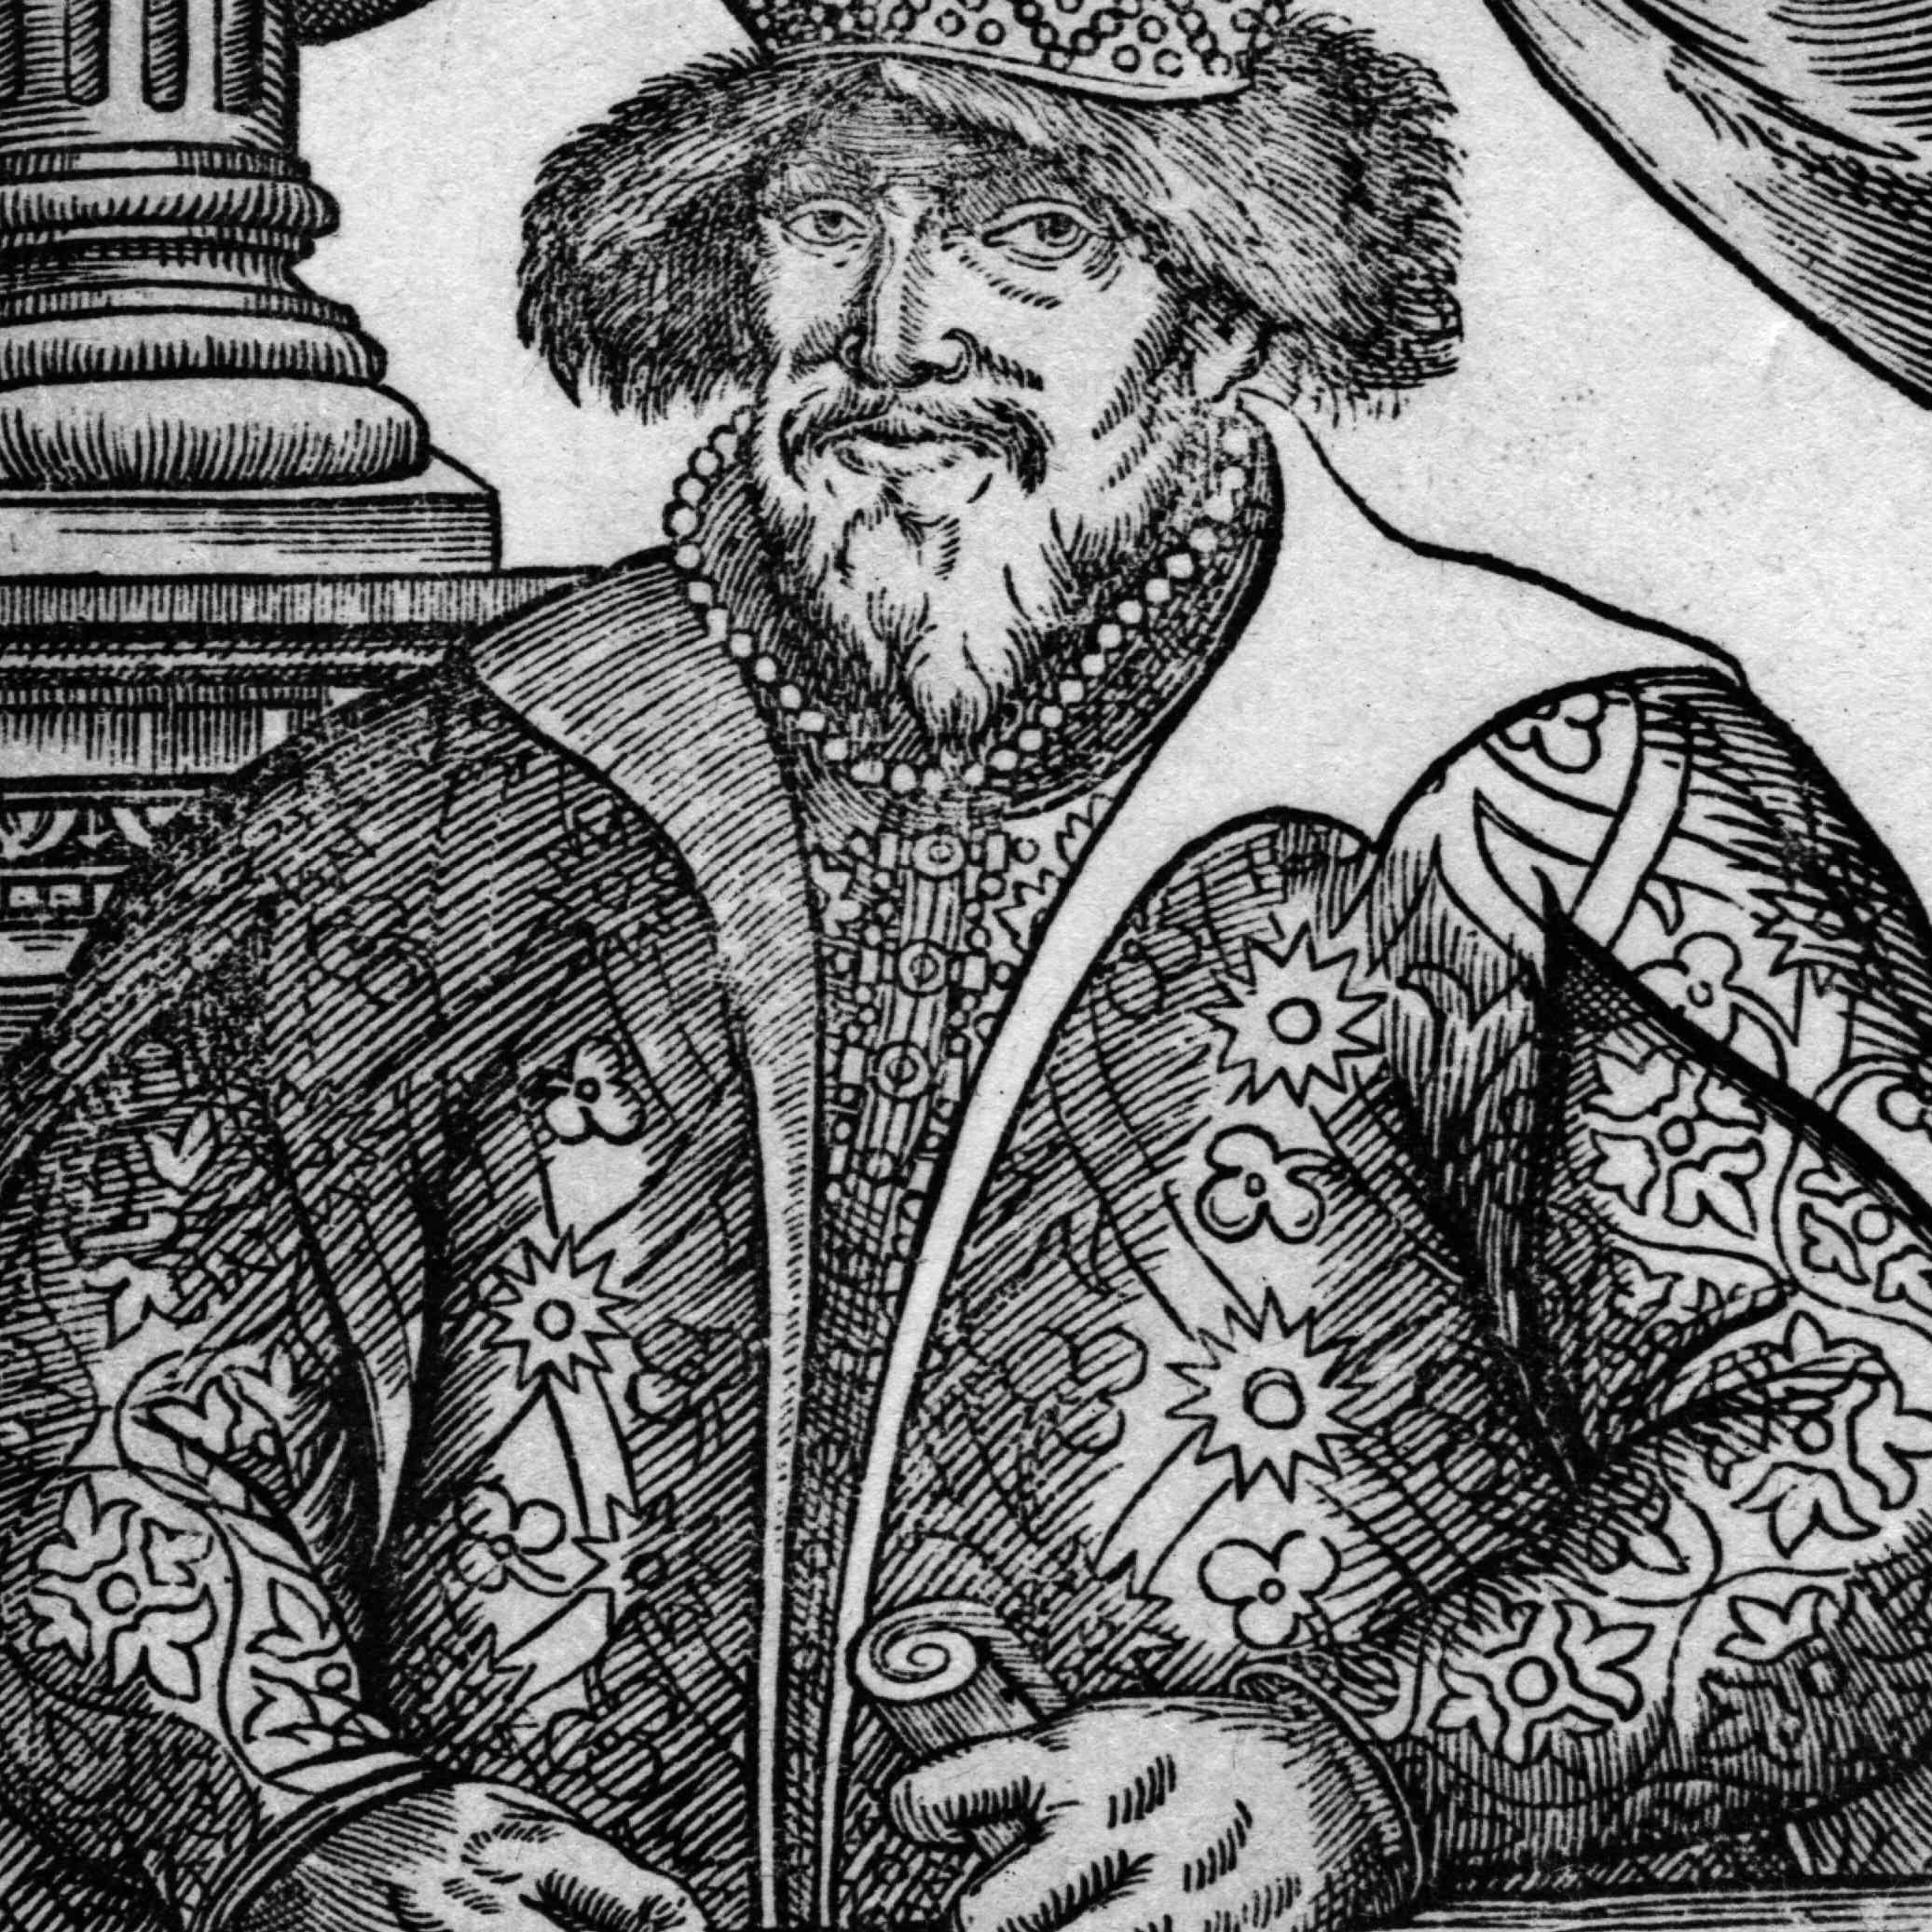 Tsar Ivan IV (1530 - 1584), Ivan The Terrible of Russia, circa 1560